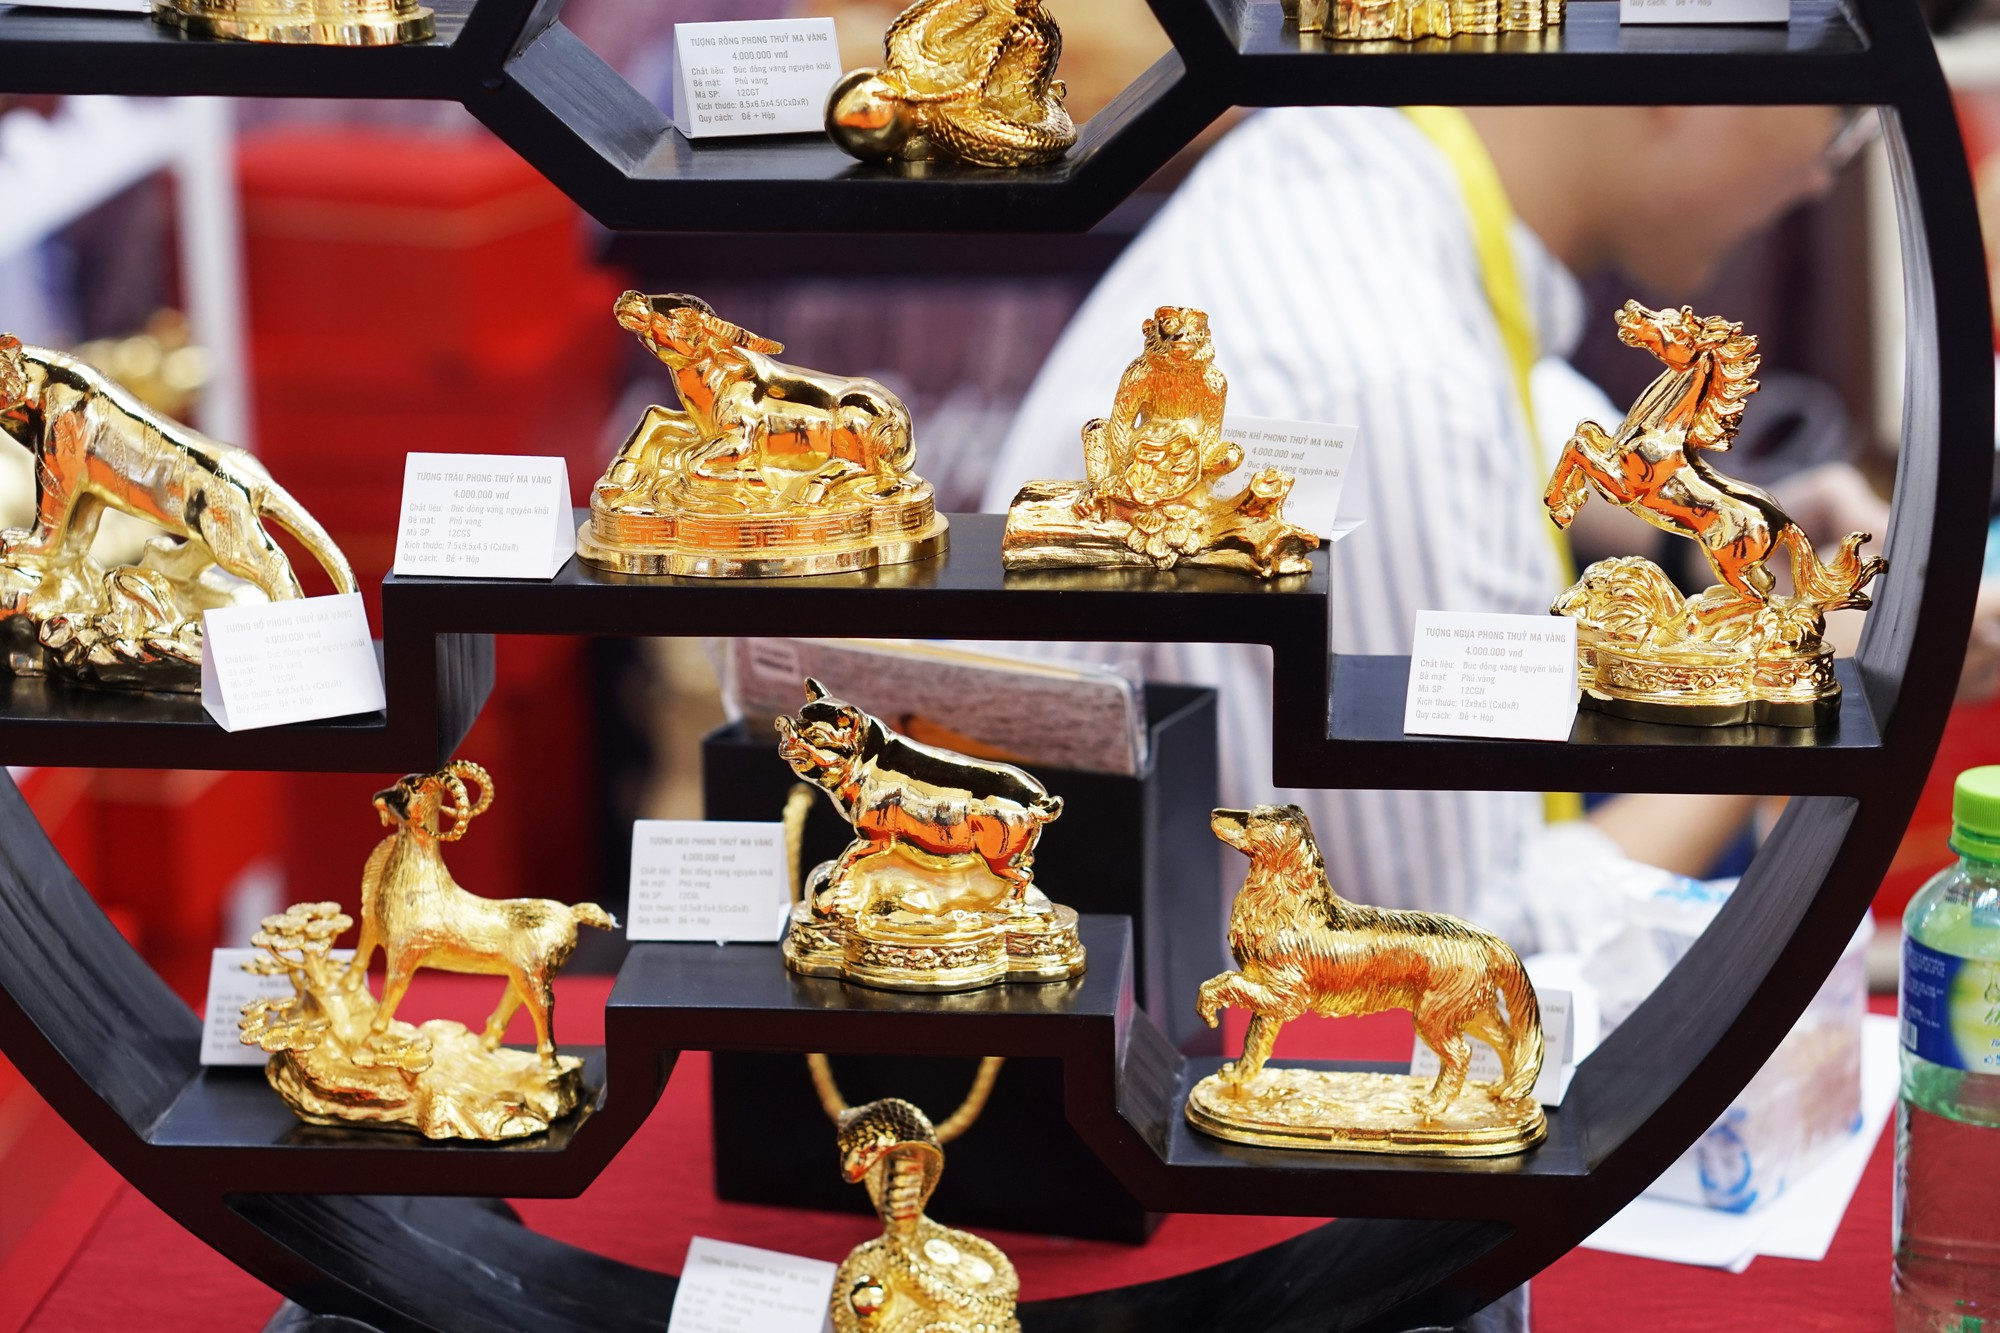 [Chùm ảnh] VinFast, Habeco, Vietcombank ... mang con cưng đến triển lãm thành tựu kinh tế tư nhân - Ảnh 9.